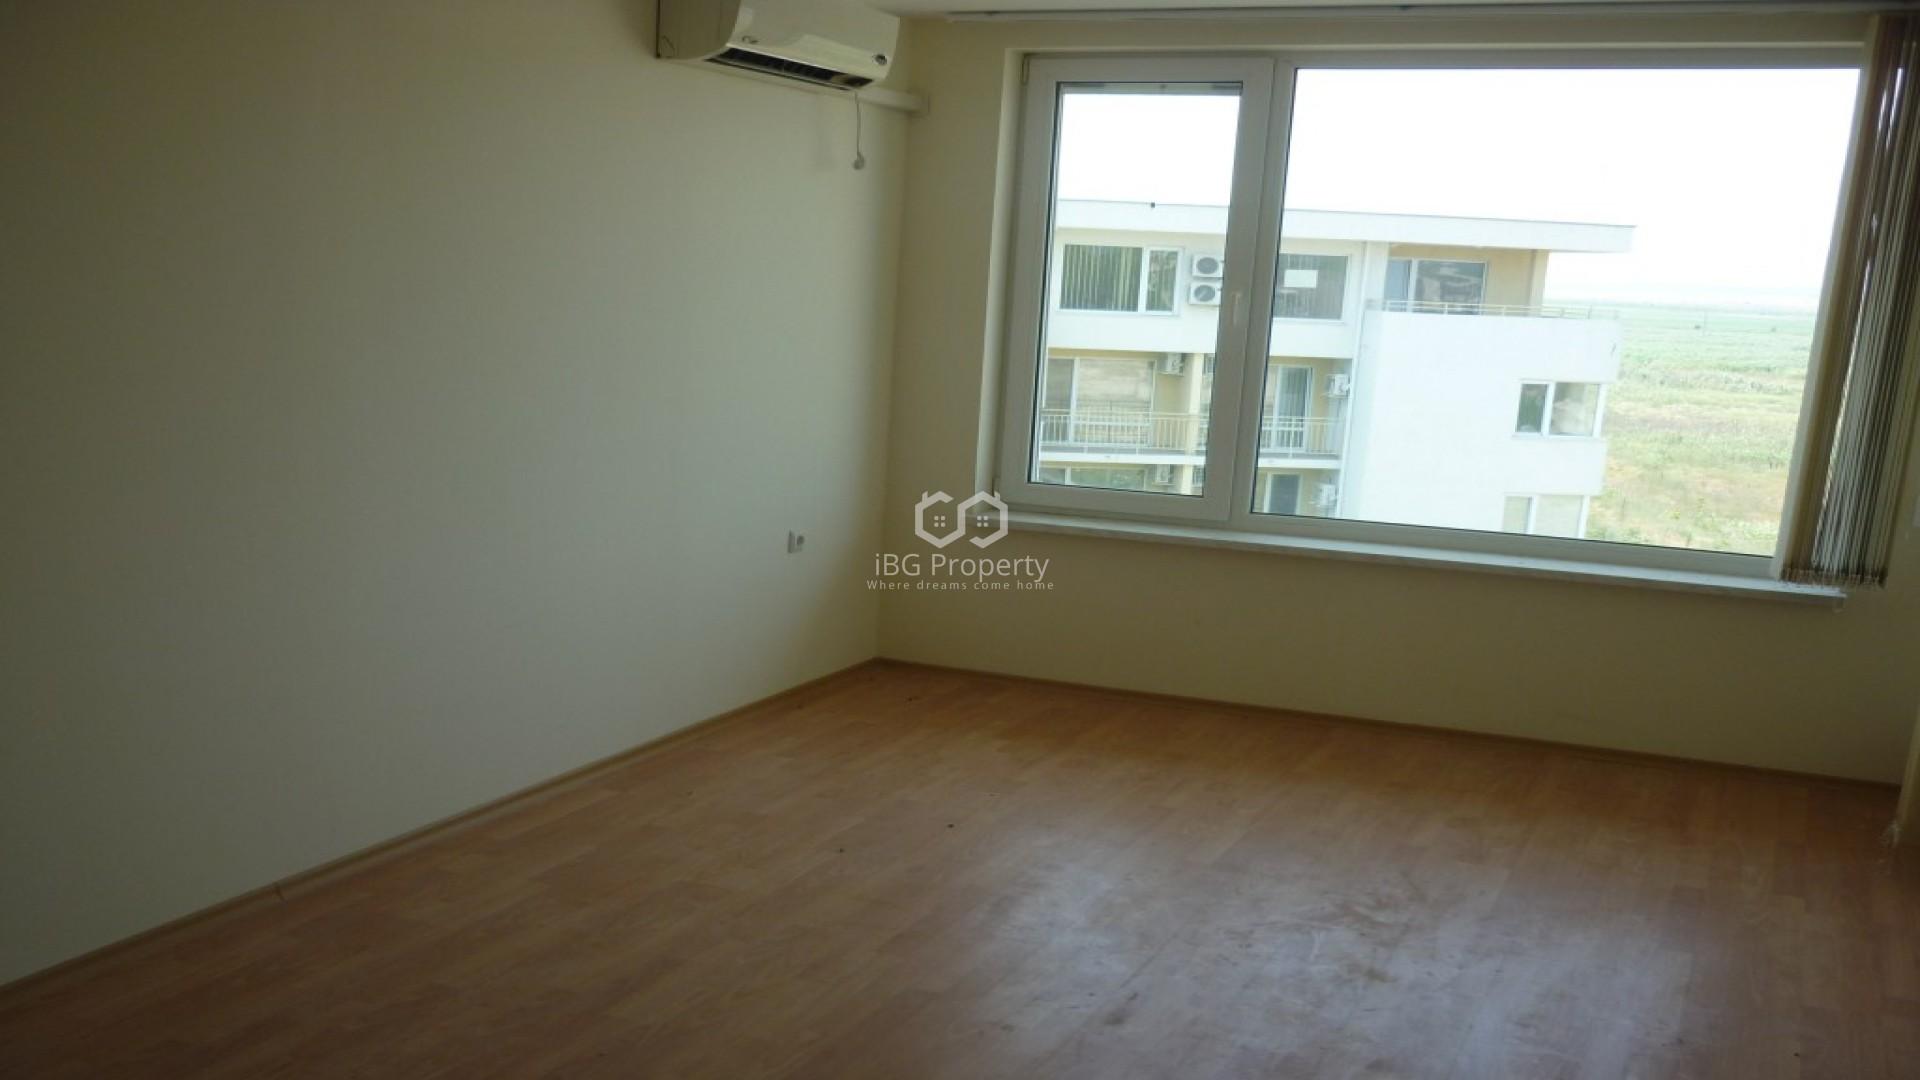 Dreizimmerwohnung in Sonnenstrand 85 m2